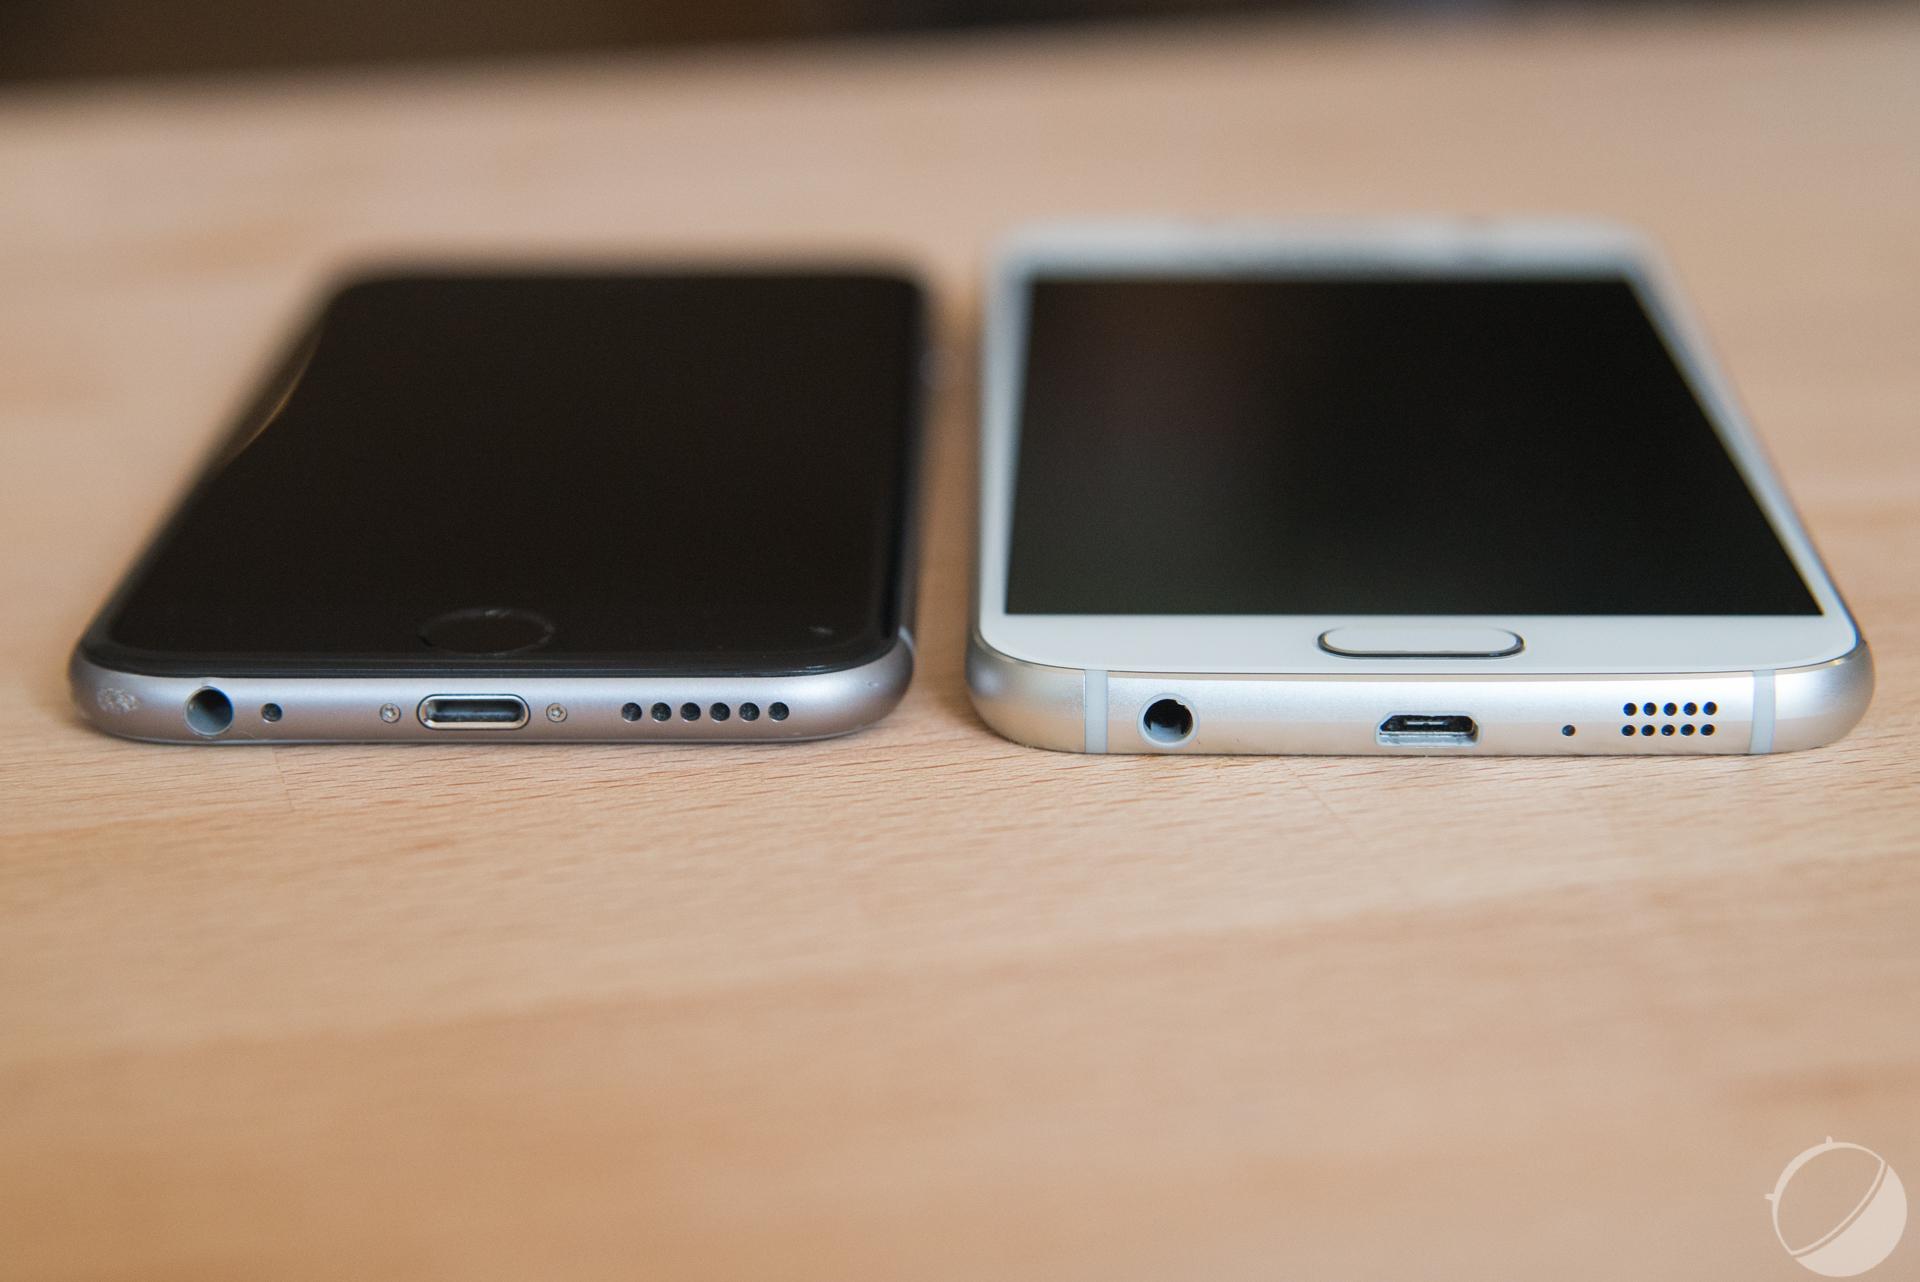 Tuto Comment Donner Un Air D Ios A Votre Telephone Android